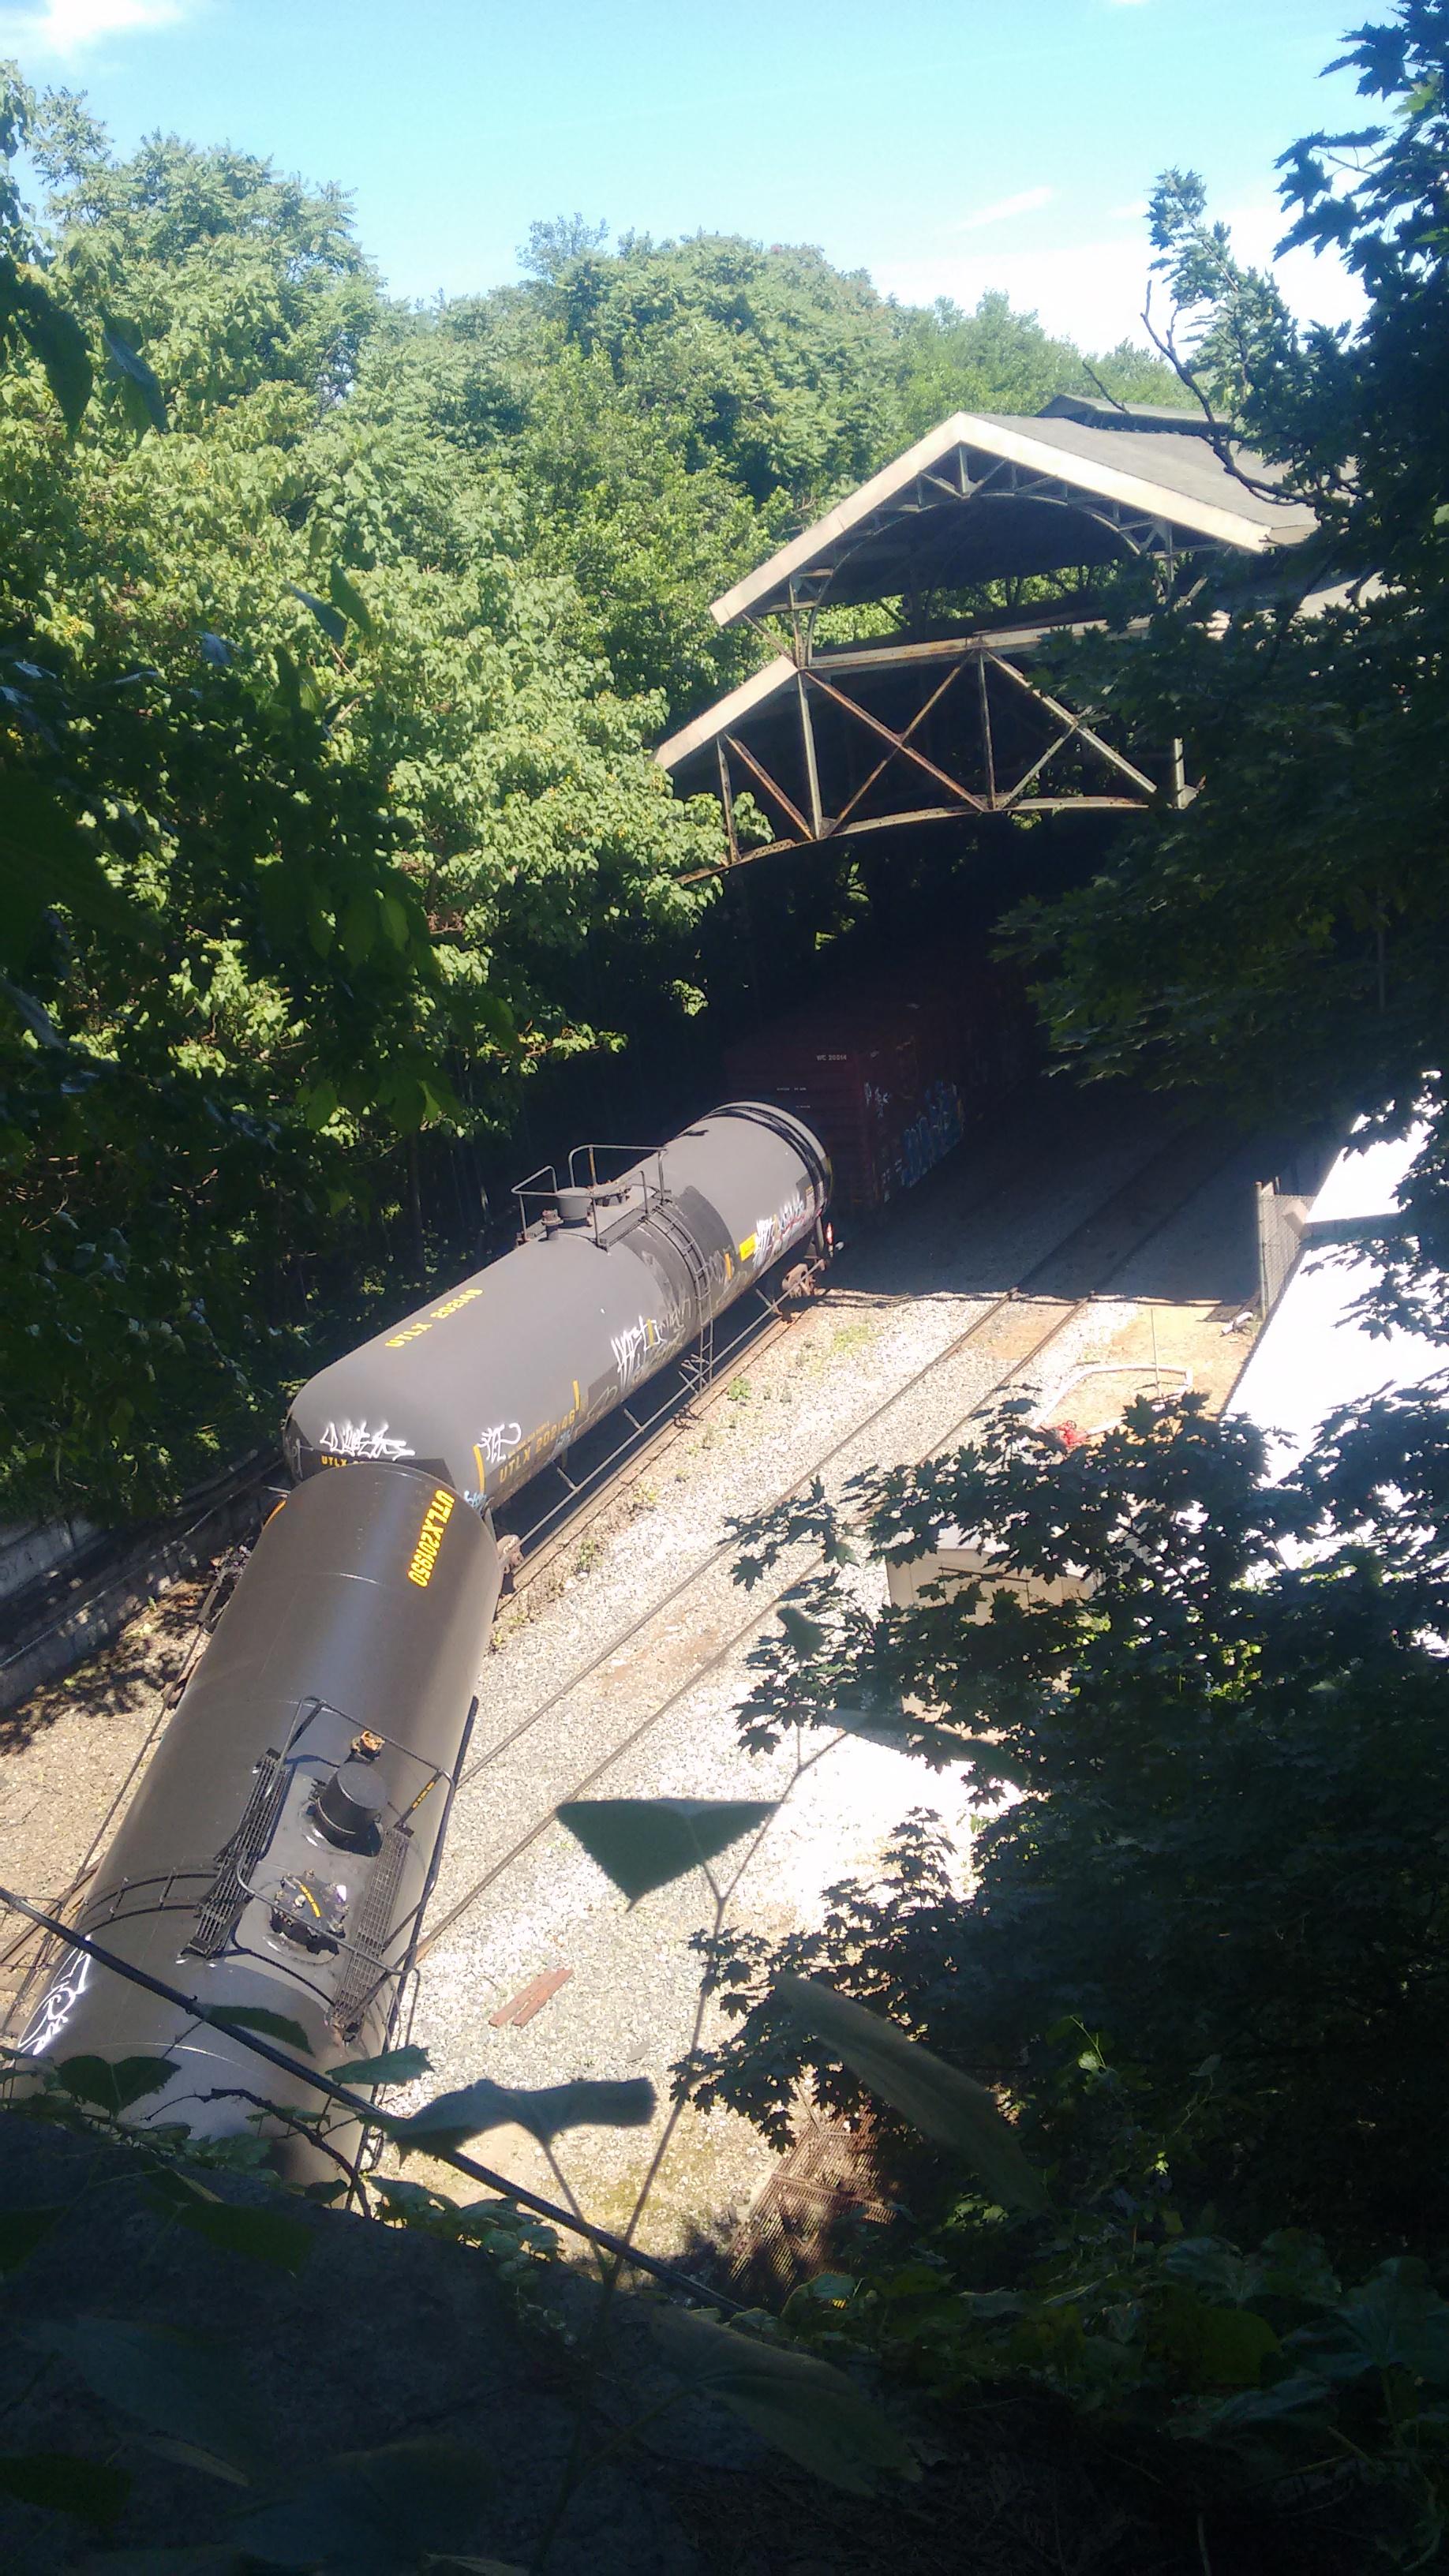 Oil Train photo by Jennifer Kunze